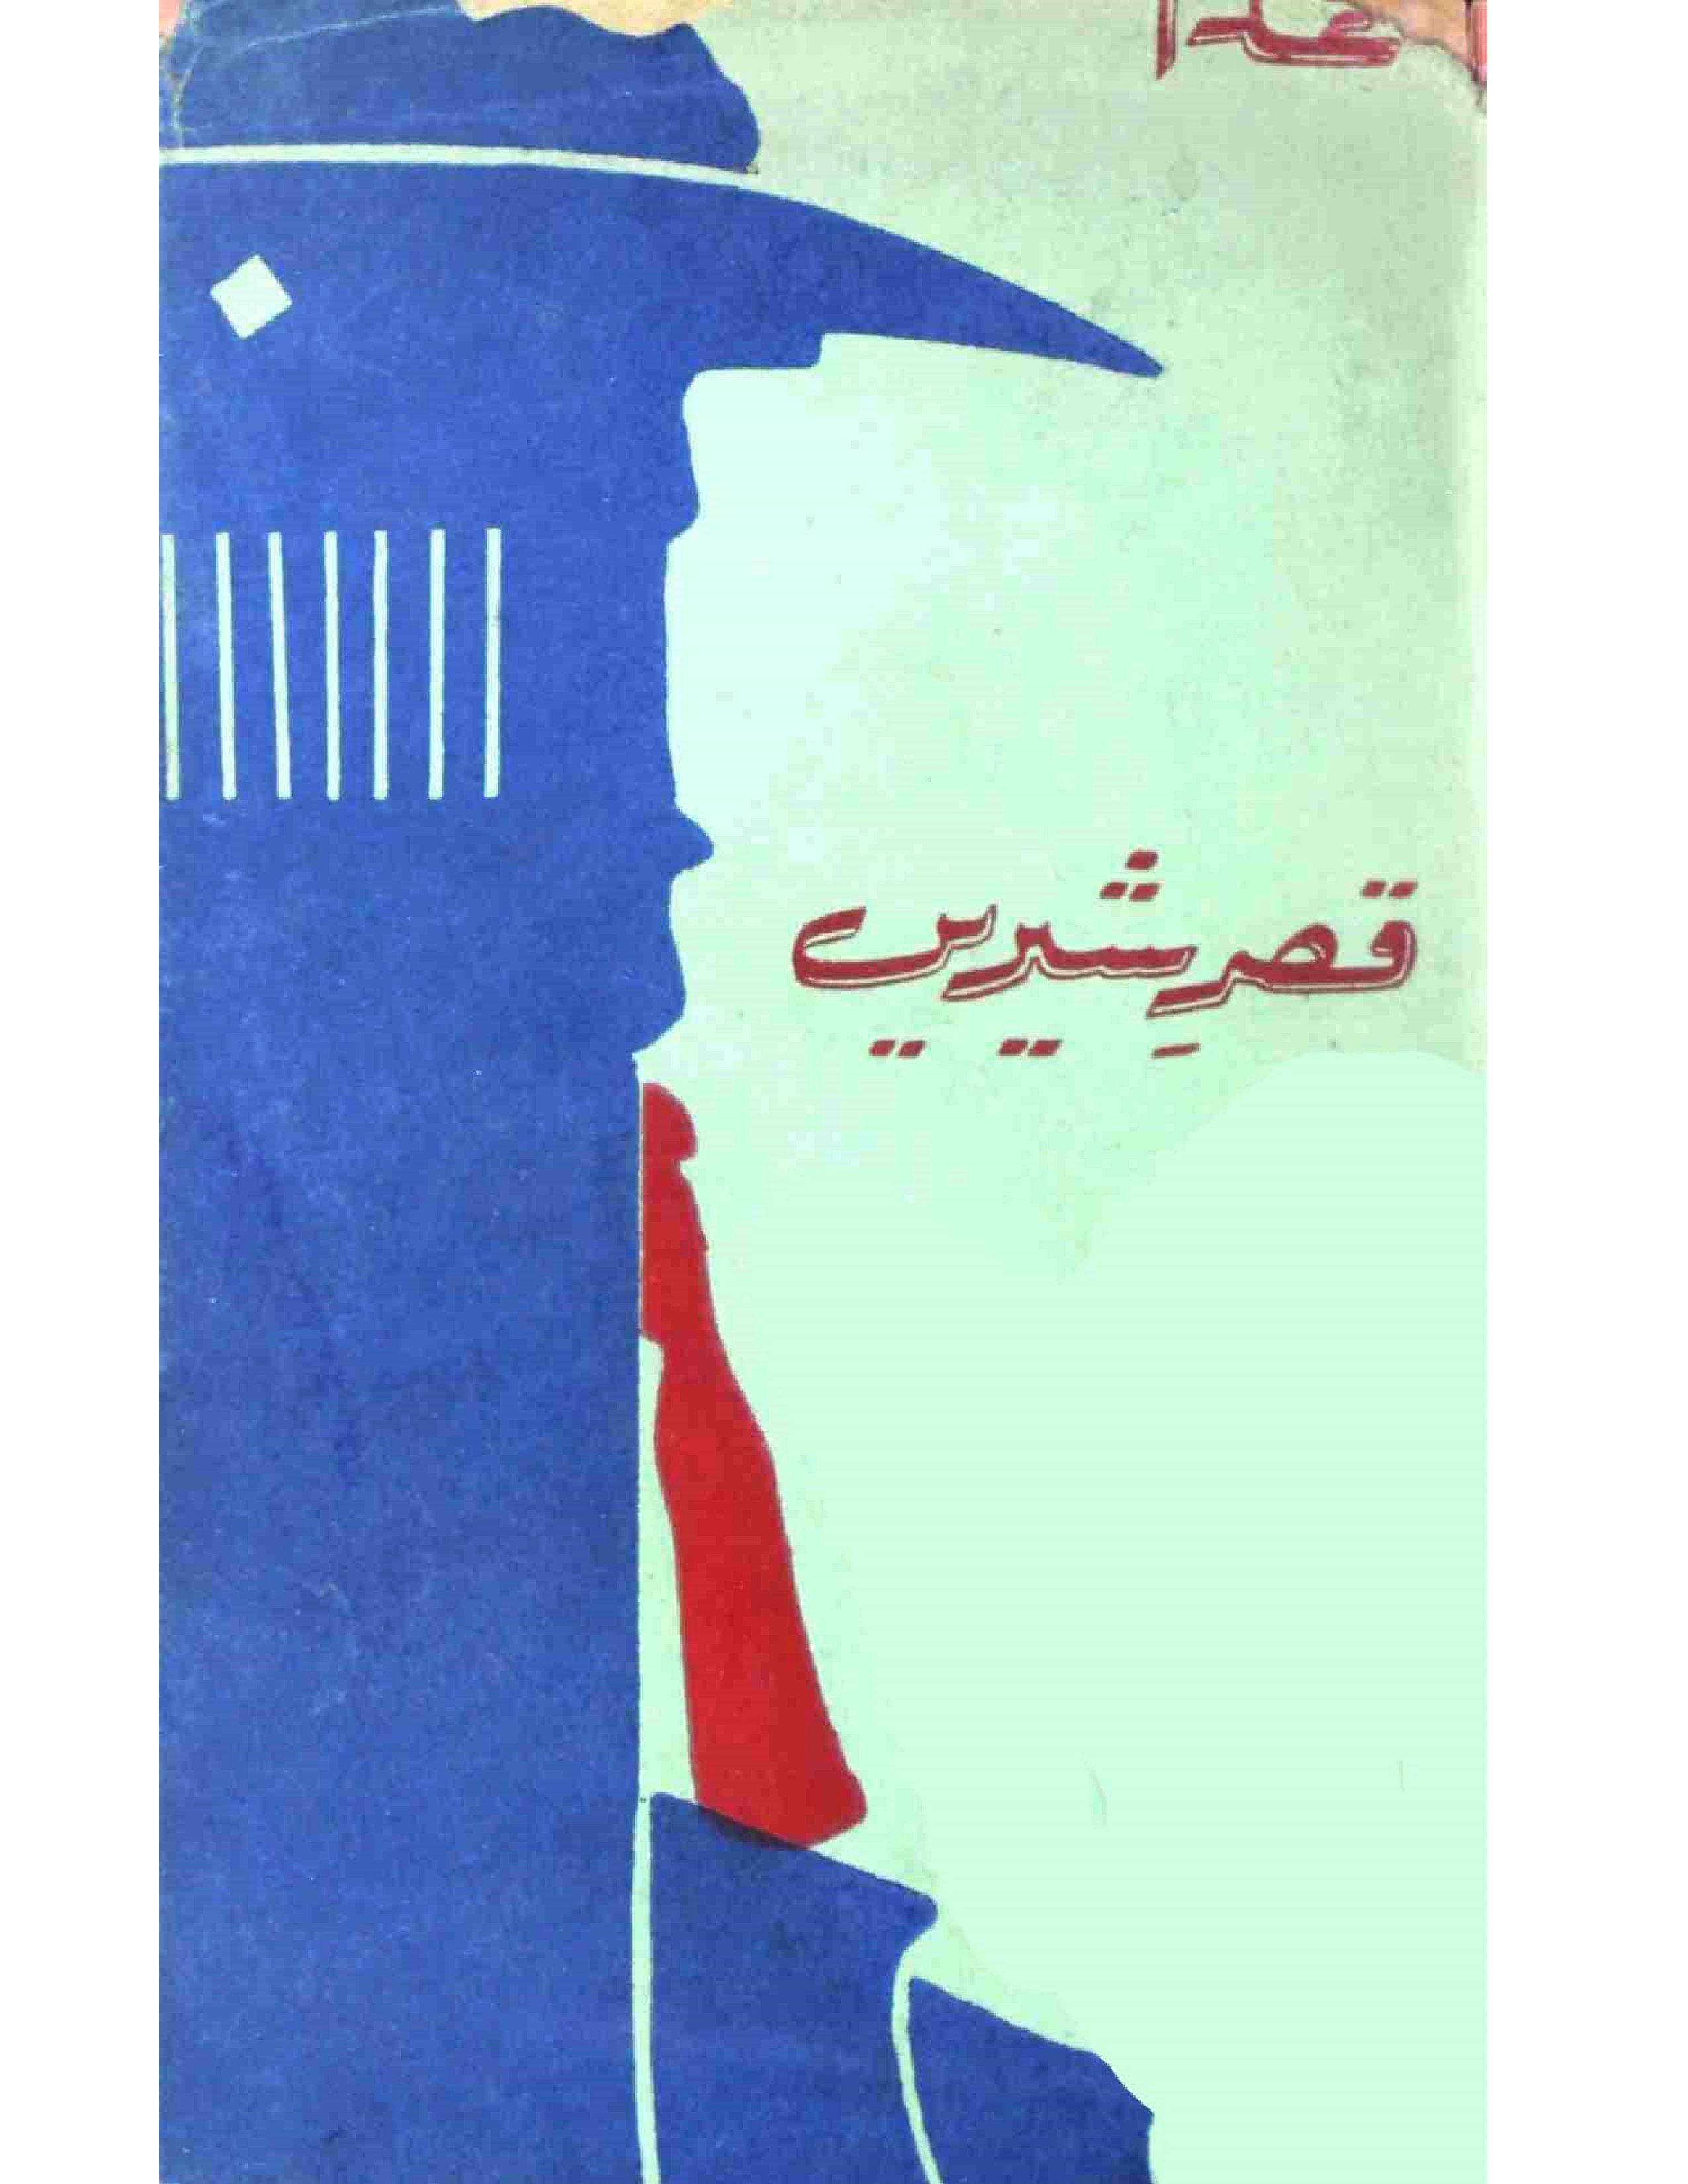 Qasr-e-Shiren